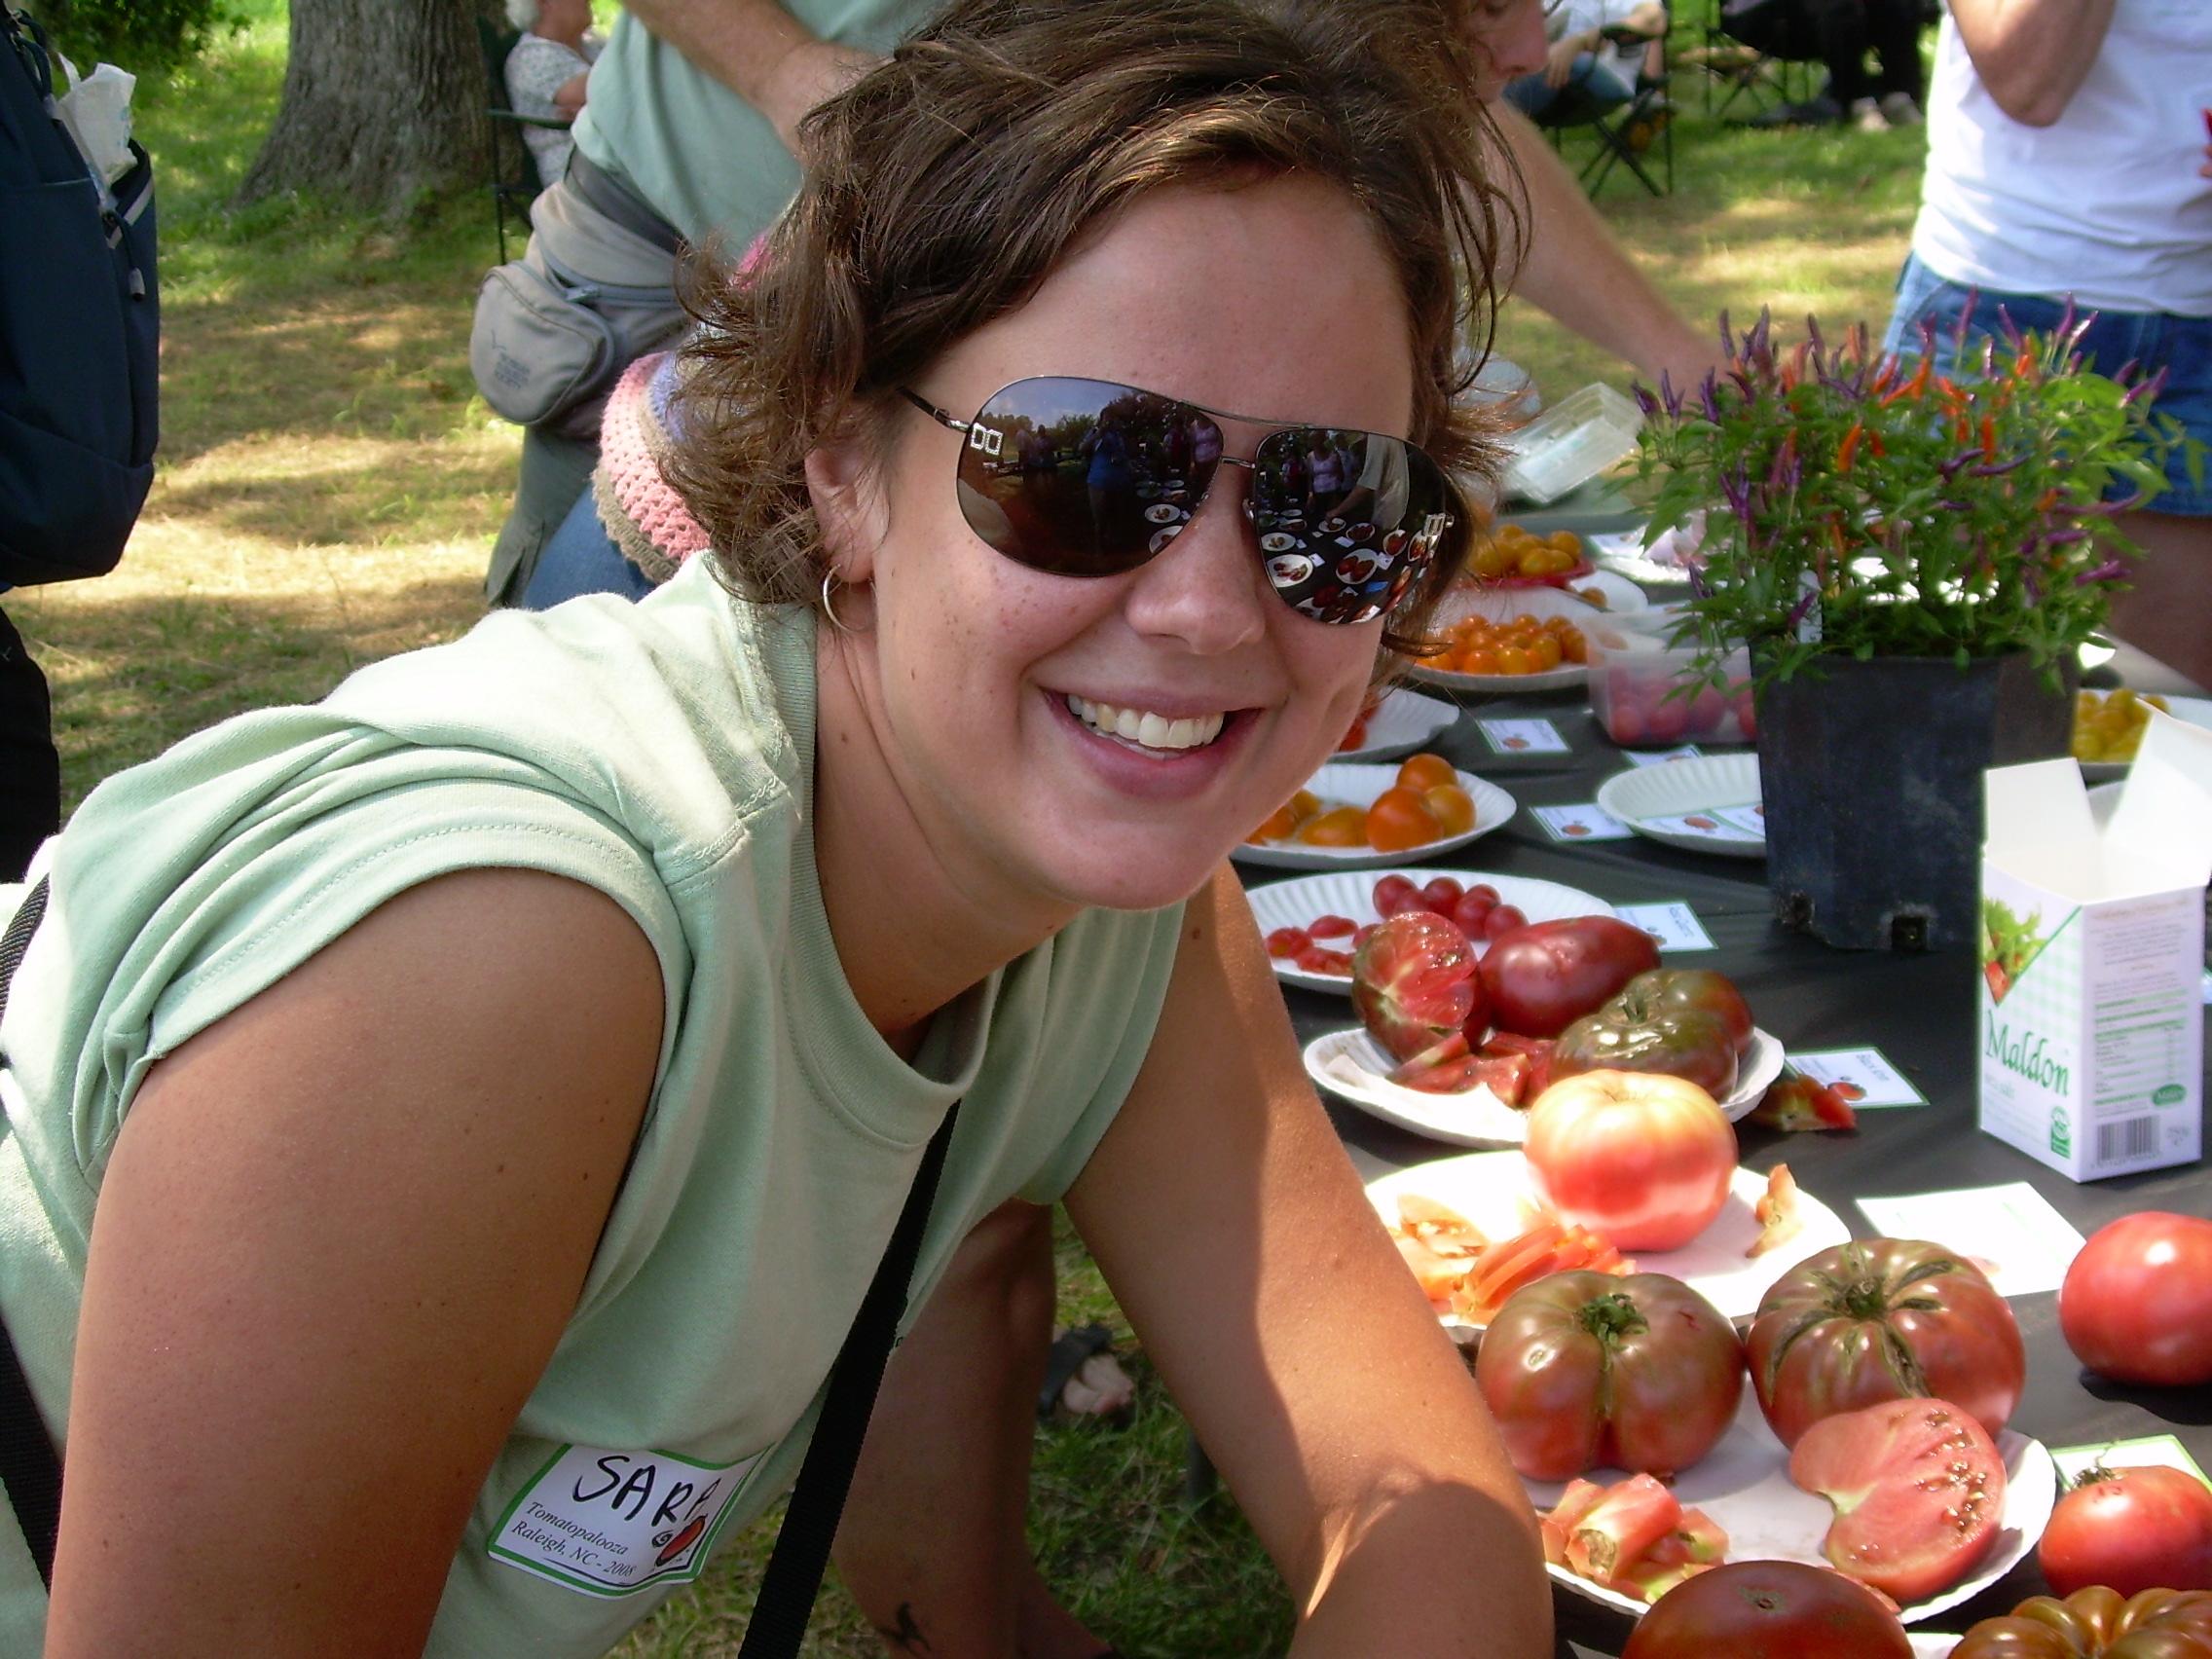 Me at Tomatopalooza 2008 - those sunglasses are cool.